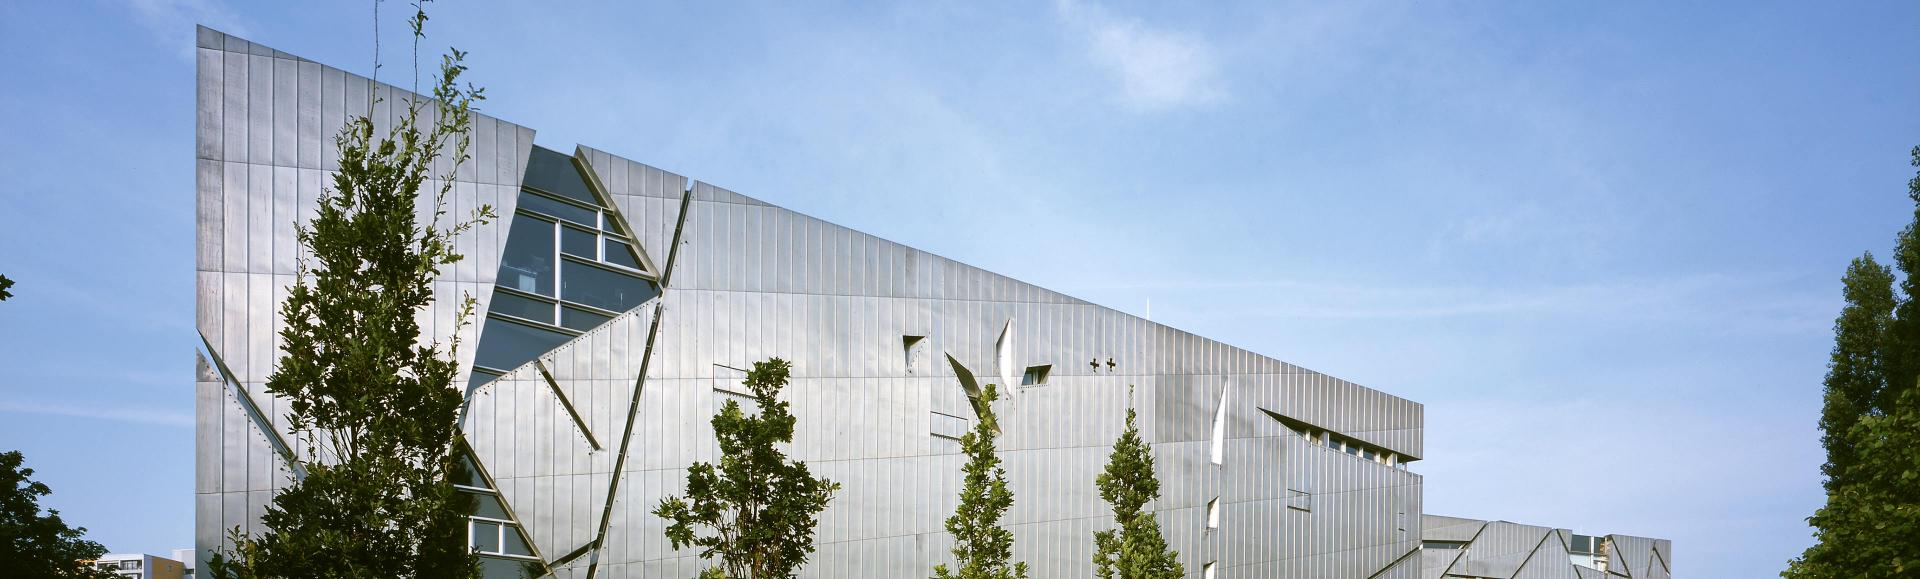 Teil des Libeskind-Baus mit vier Bäumen im Vordergrund